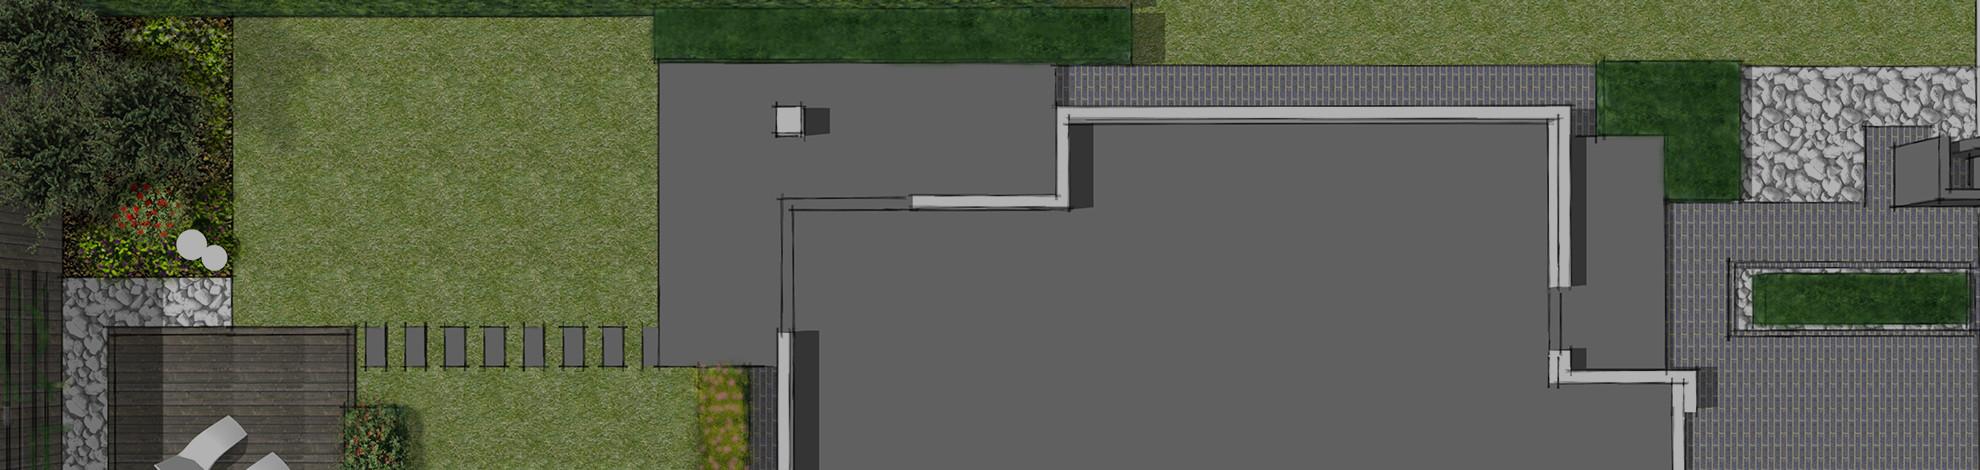 projektowanie ogrodów kraków koncepcja for eco